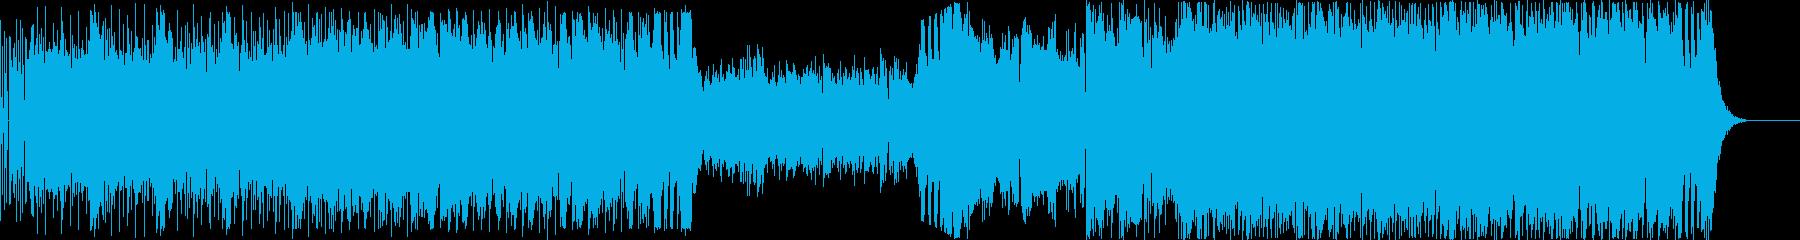 ゲームのバトル系サウンドの再生済みの波形